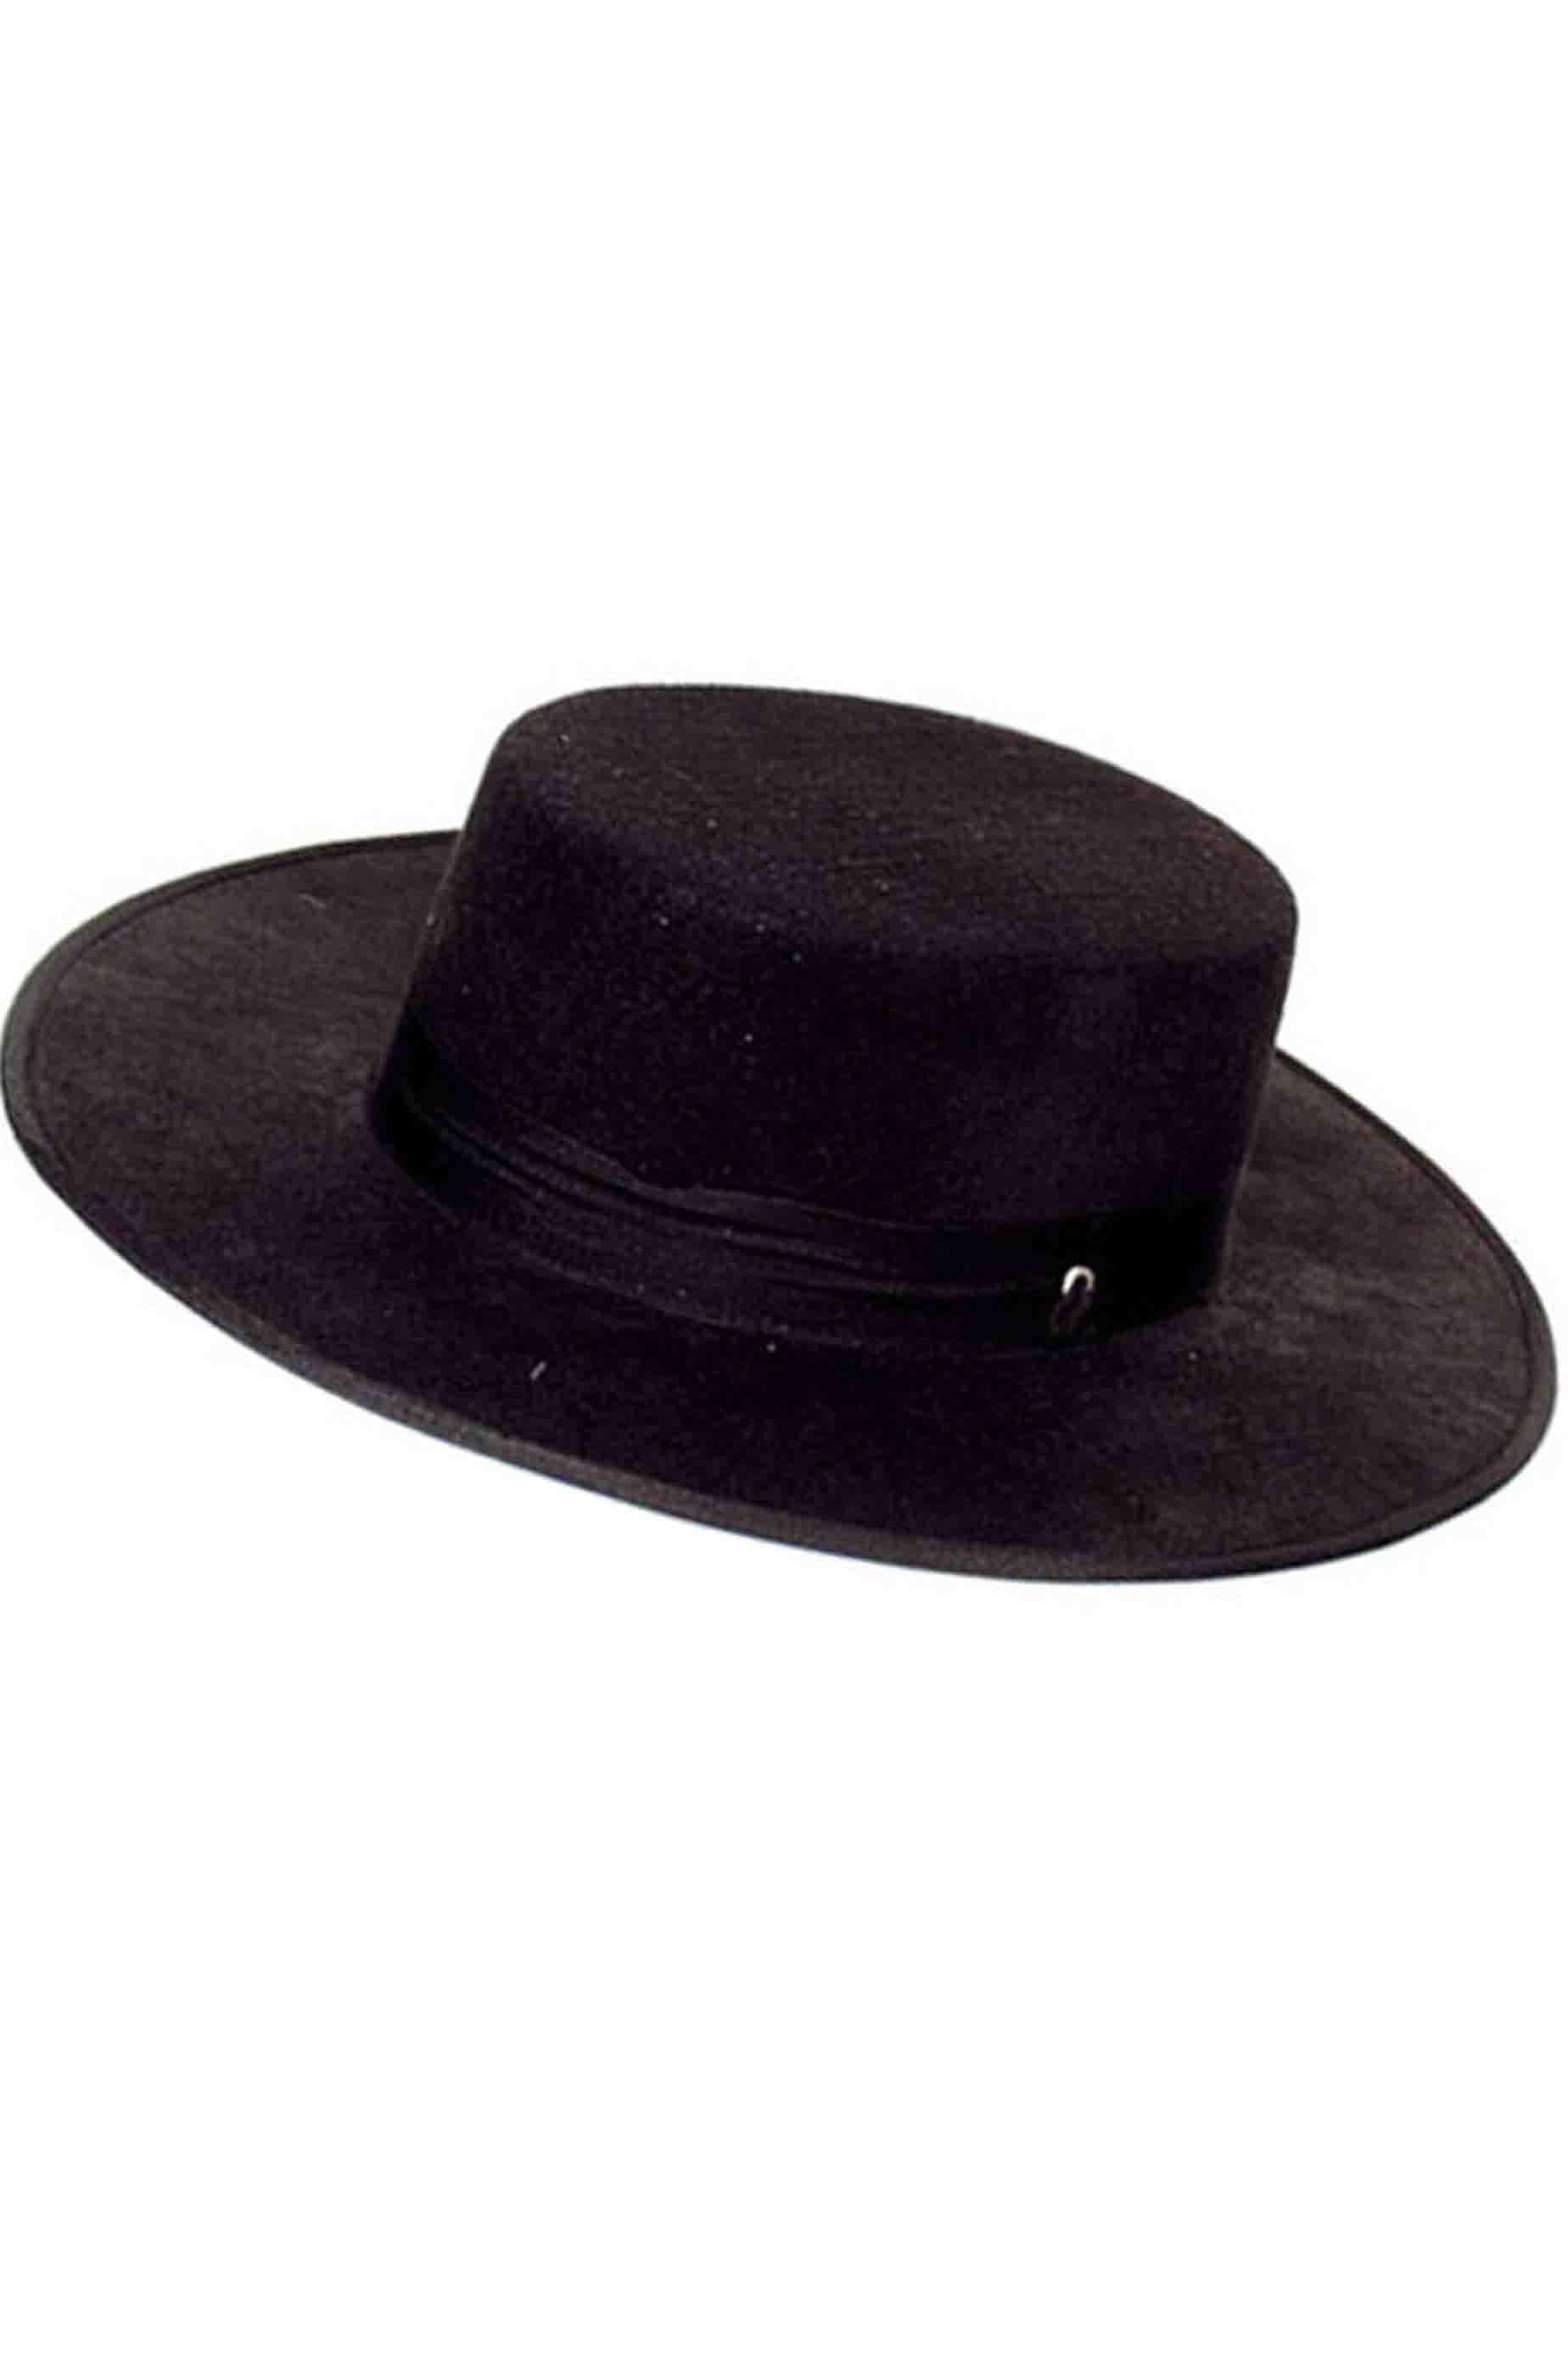 Cappello di Carnevale bolero Zorro V per Vendetta adulto nero adulto 1cdbf471808c